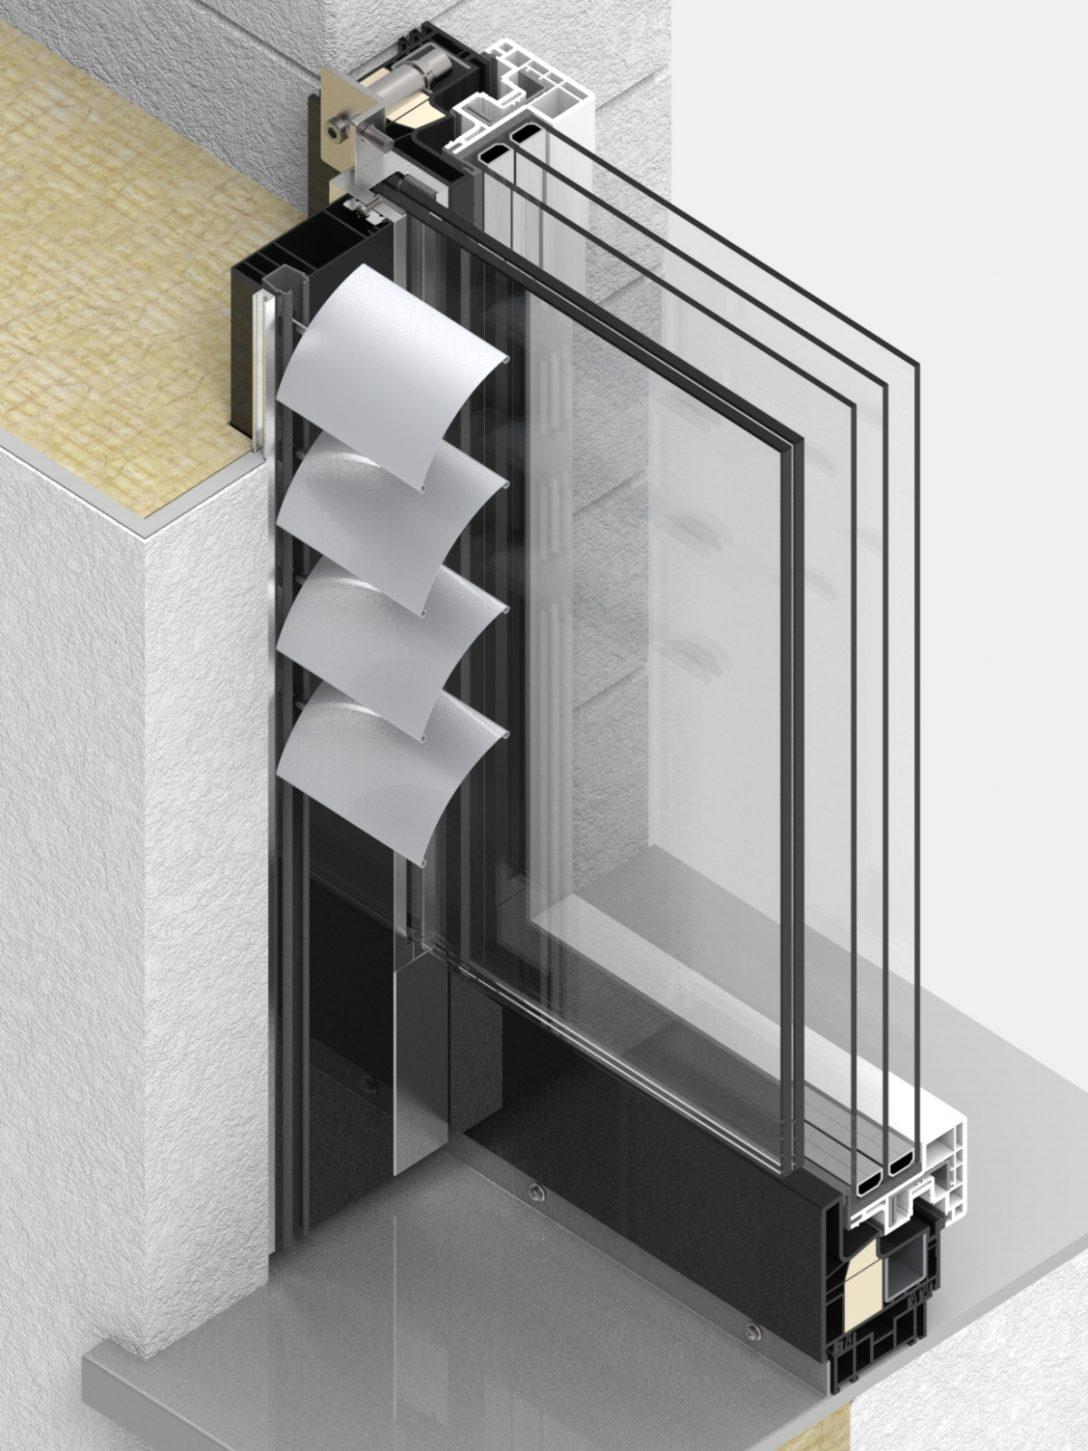 Large Size of Absturzsicherung Fenster Glasabsturzsicherung Deutsche Bauzeitschrift Sichtschutzfolie Für Rc3 Alarmanlage Einbauen Kosten Plissee Austauschen Sonnenschutz Fenster Absturzsicherung Fenster